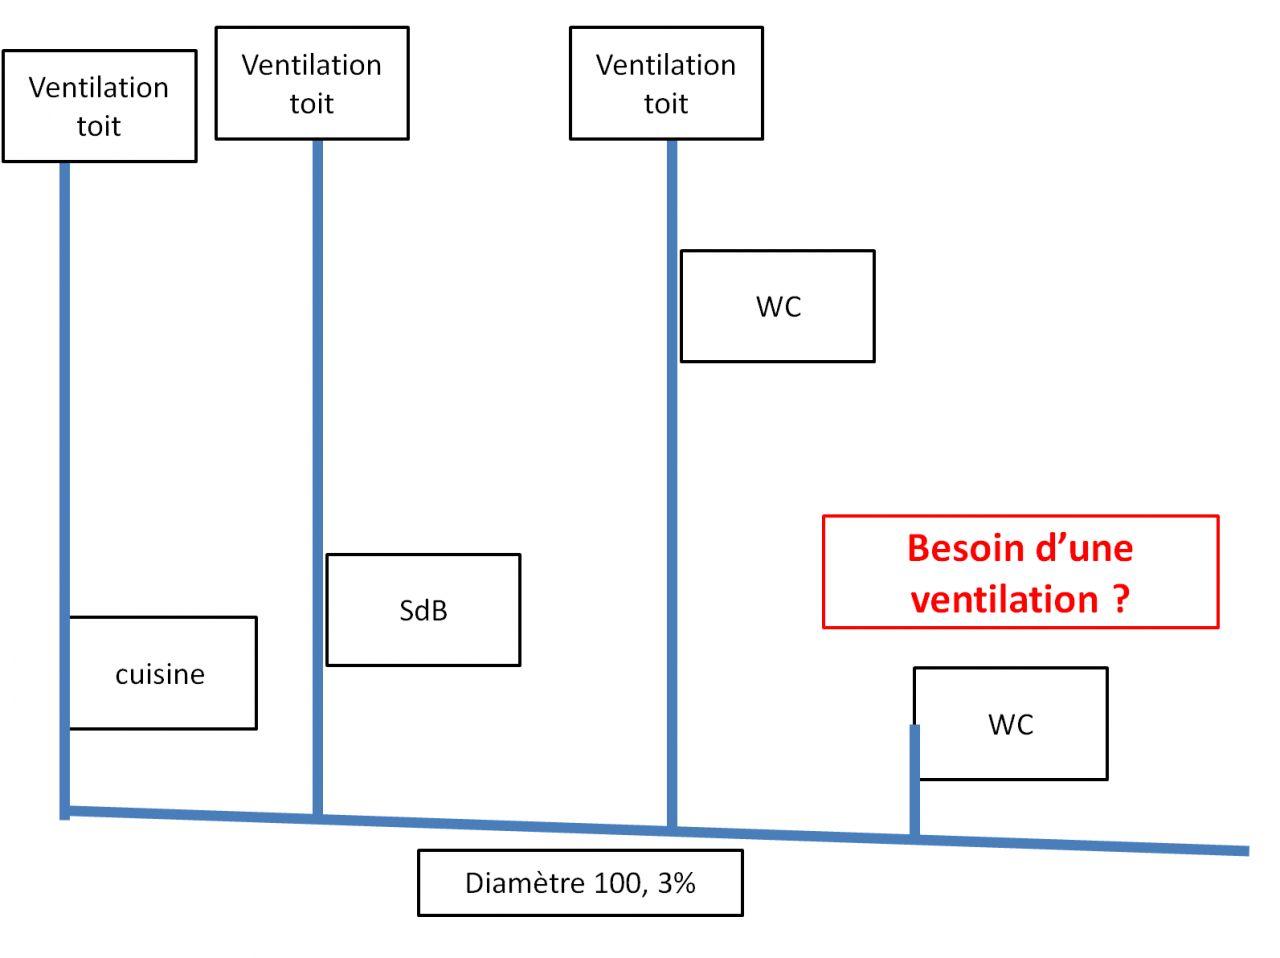 Ventilation primaire n cessaire dans cette configuration - Ventilation primaire wc ...